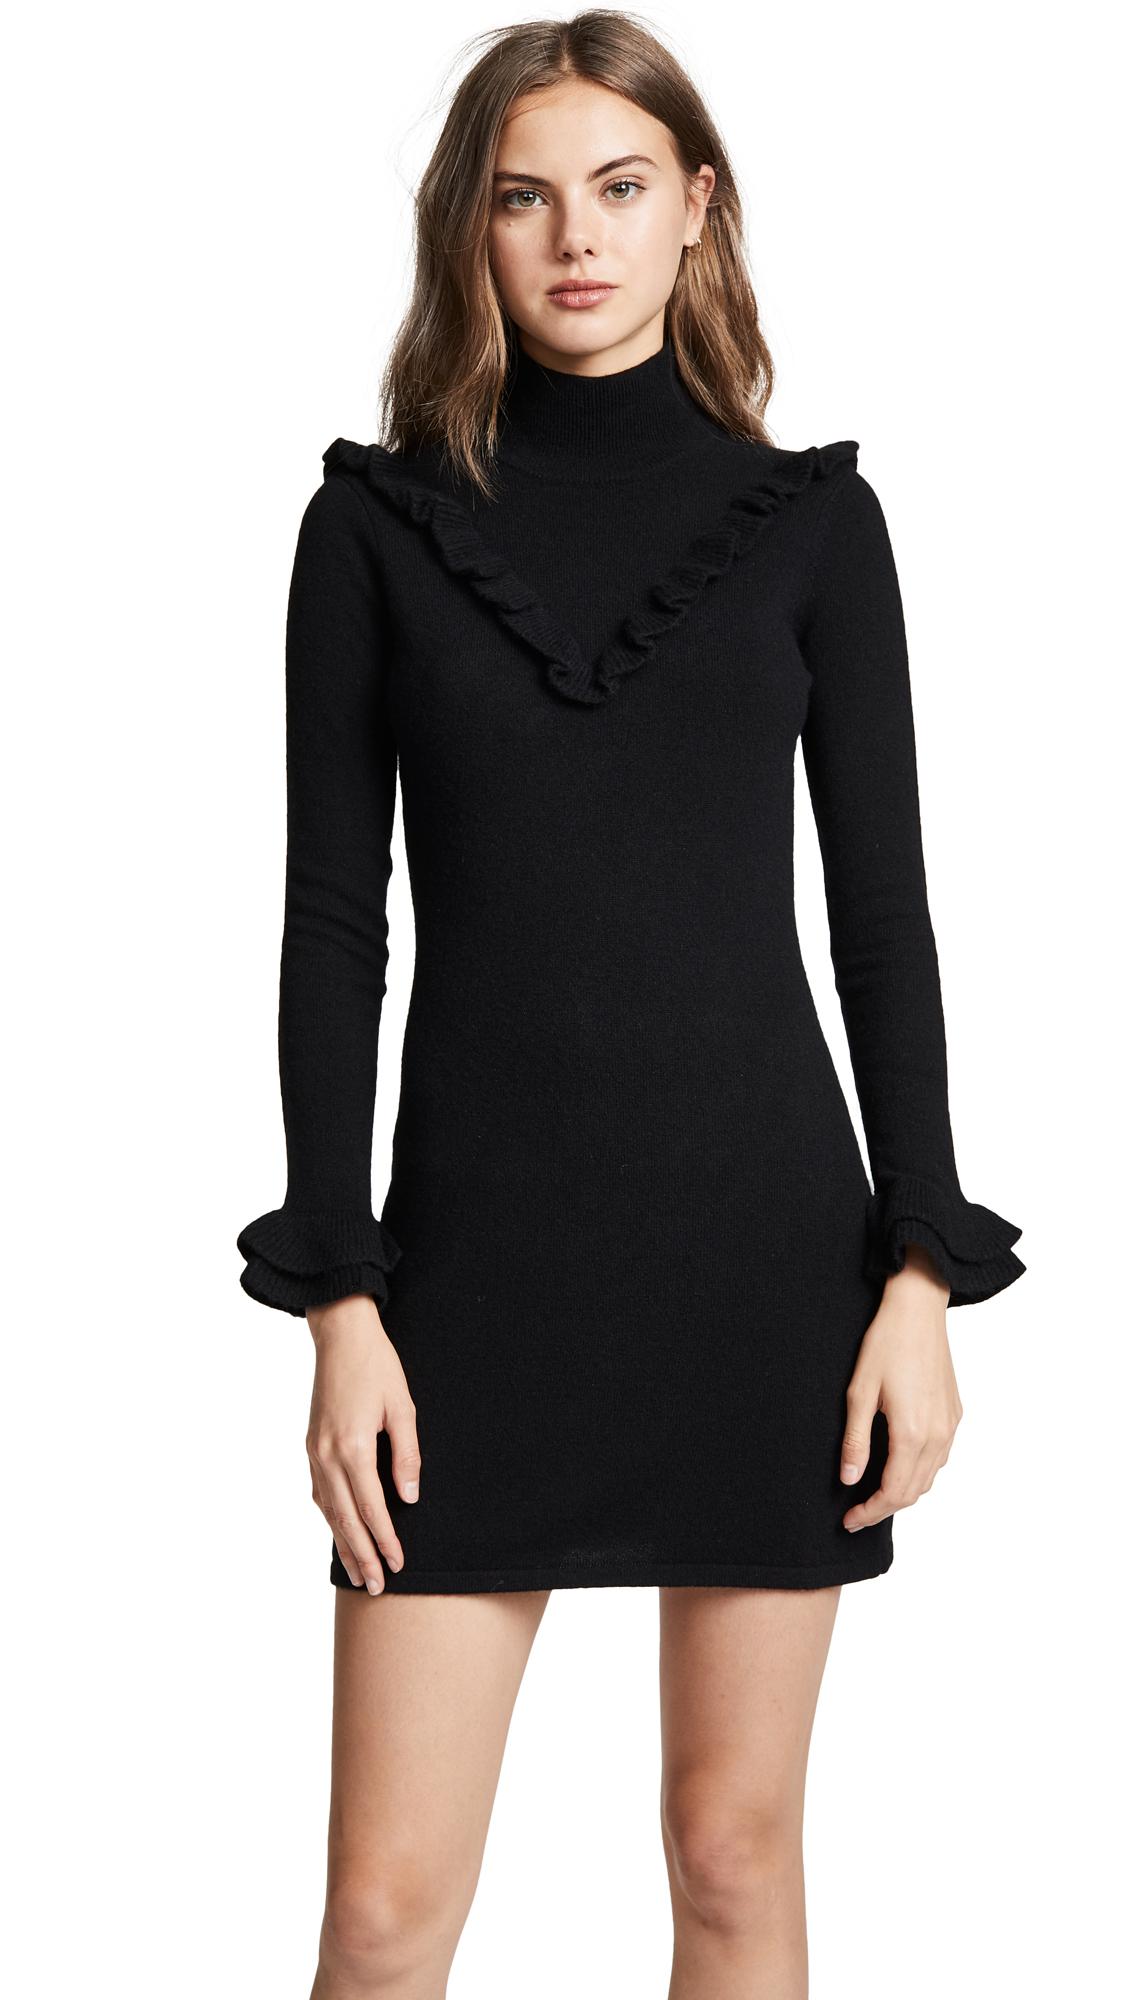 Rebecca Minkoff Dulcie Dress In Black